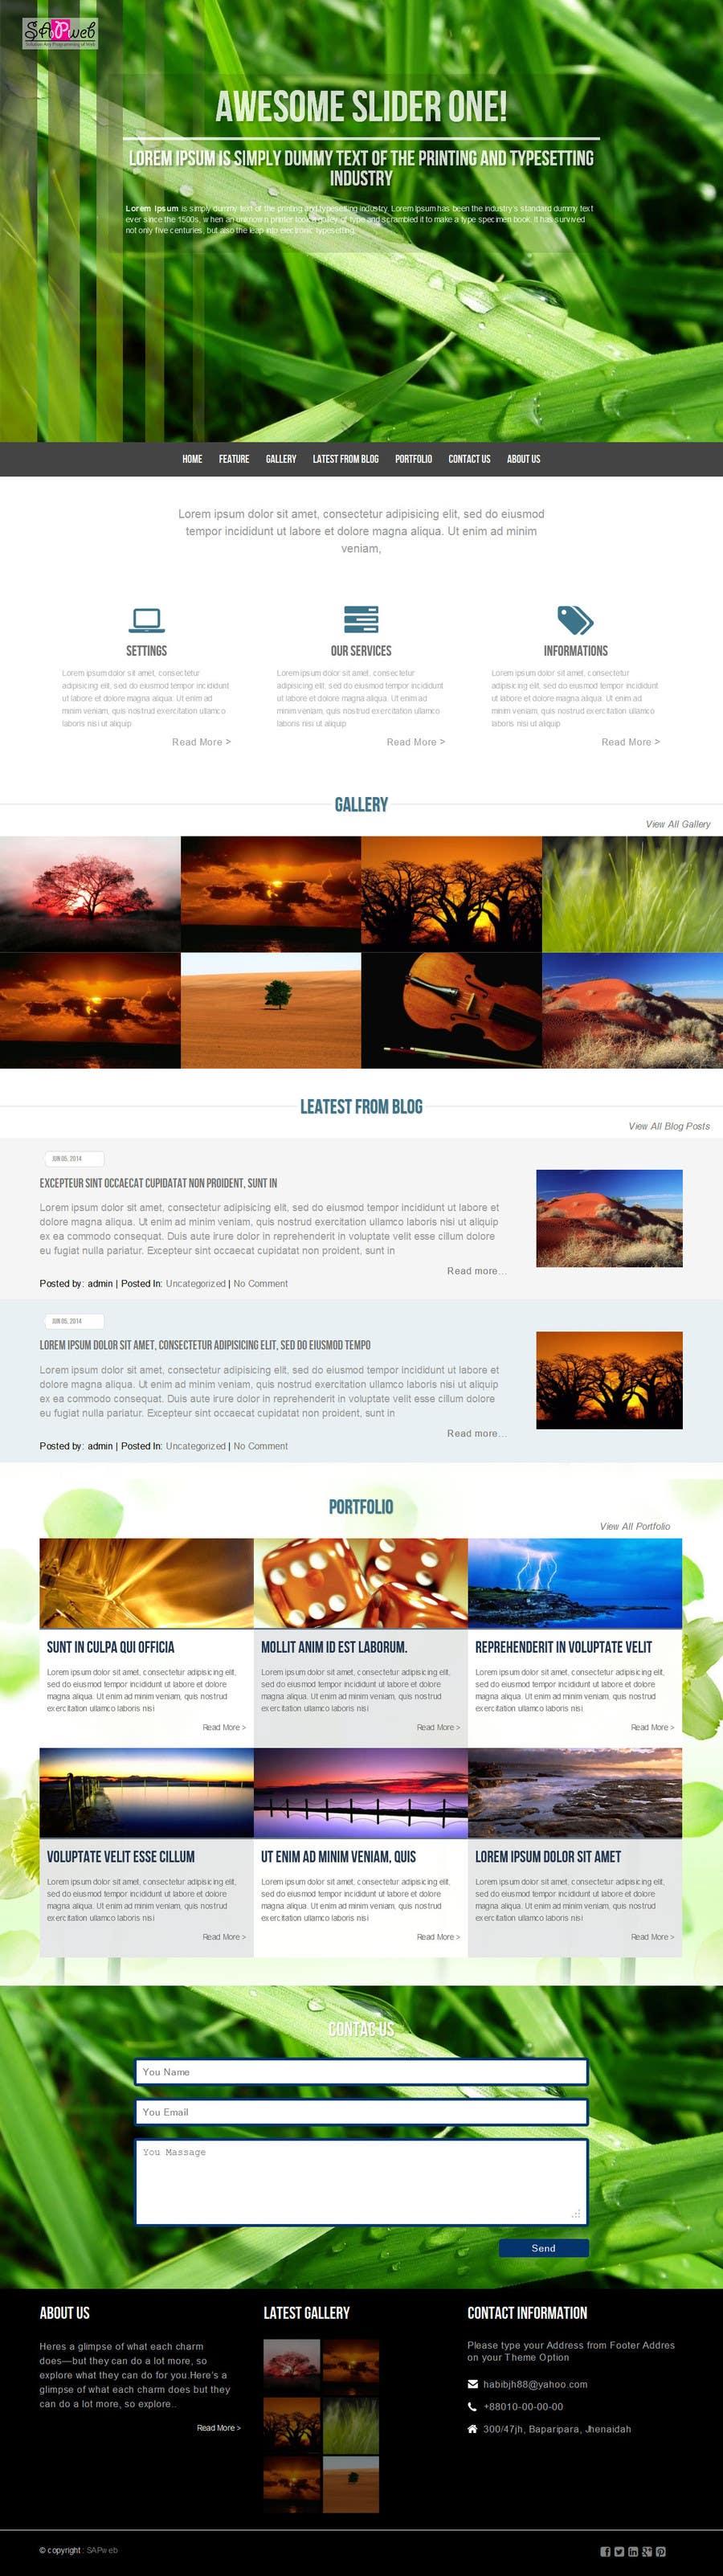 Inscrição nº                                         31                                      do Concurso para                                         Design a Wordpress Template for Travel Website